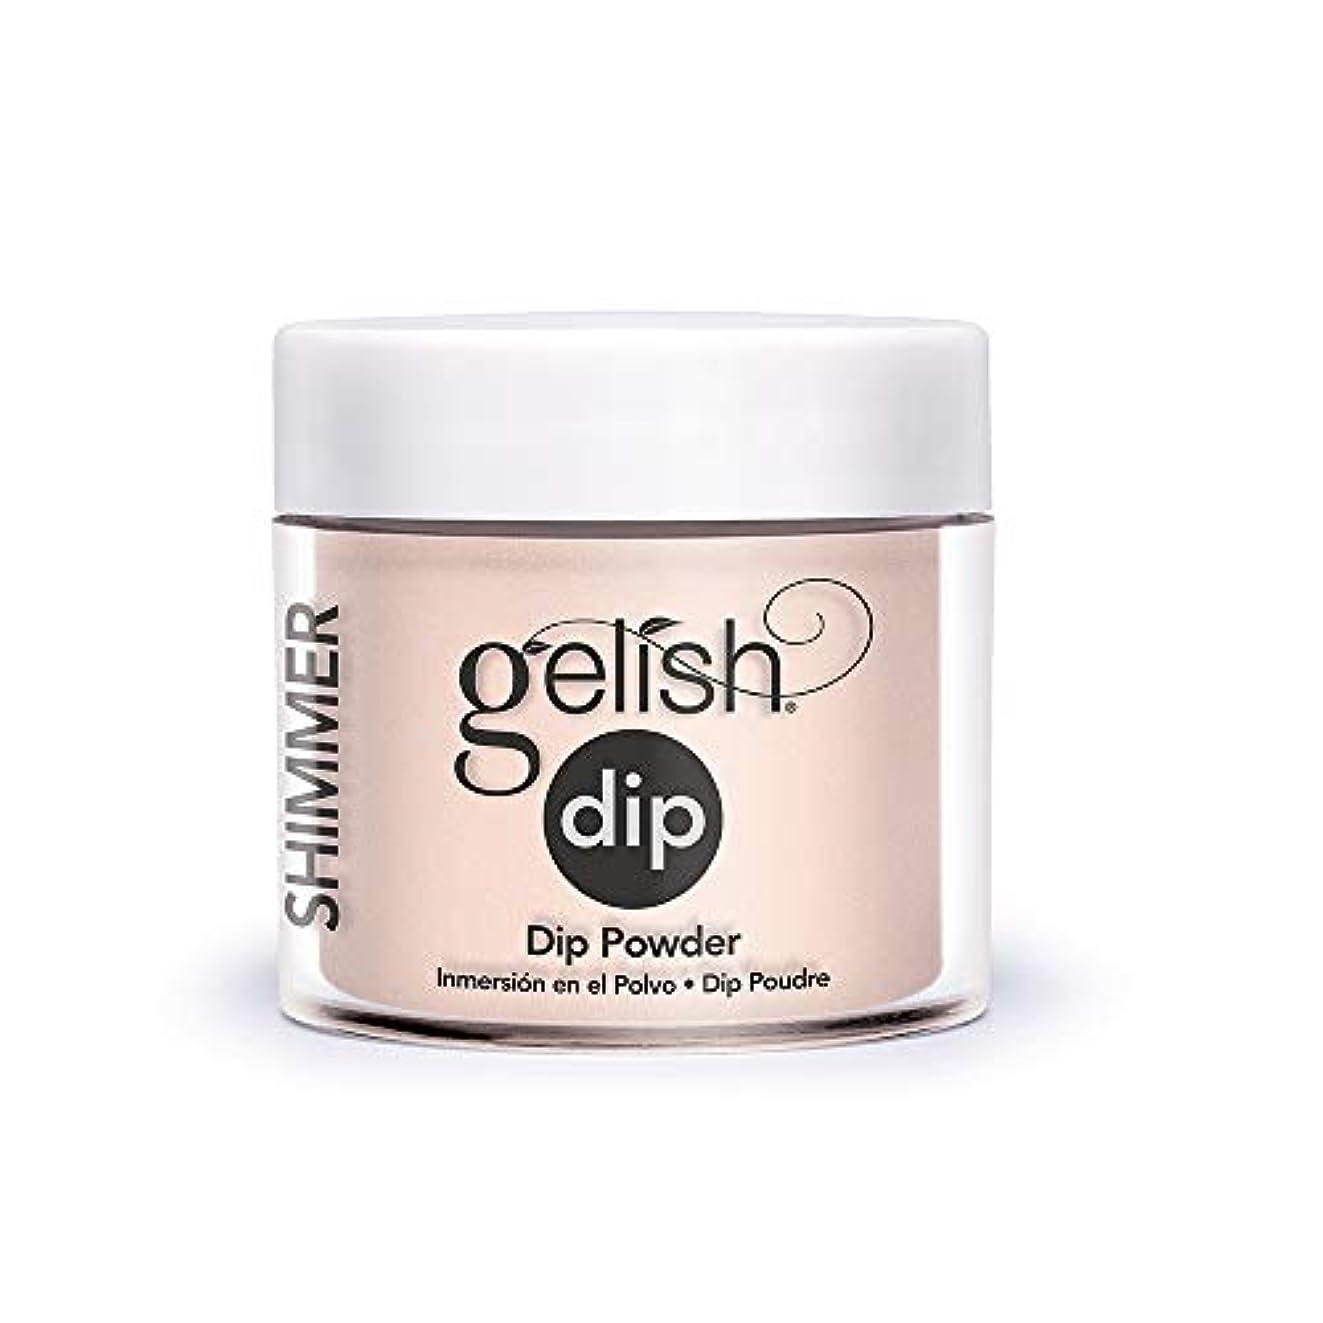 服を洗う力強い切り下げHarmony Gelish - Acrylic Dip Powder - Heaven Sent - 23g / 0.8oz